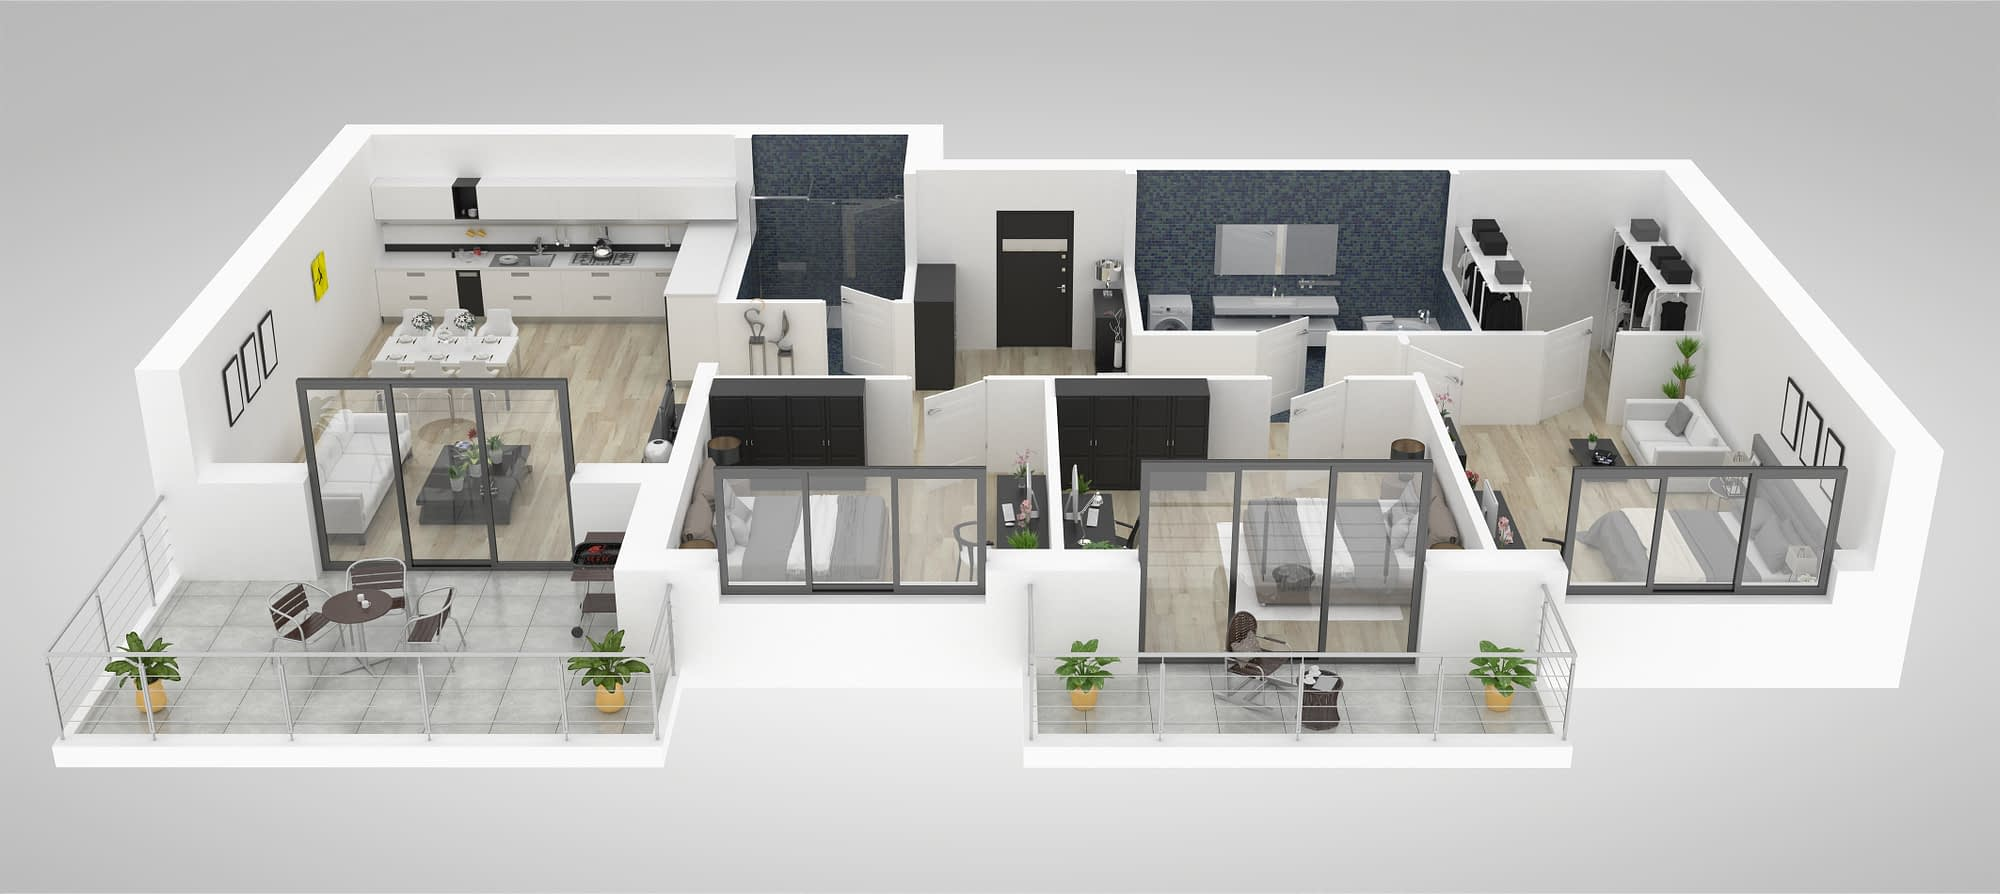 L Architecture D Intérieur interior créacap : architecte d'intérieur et décoratrice gers 32